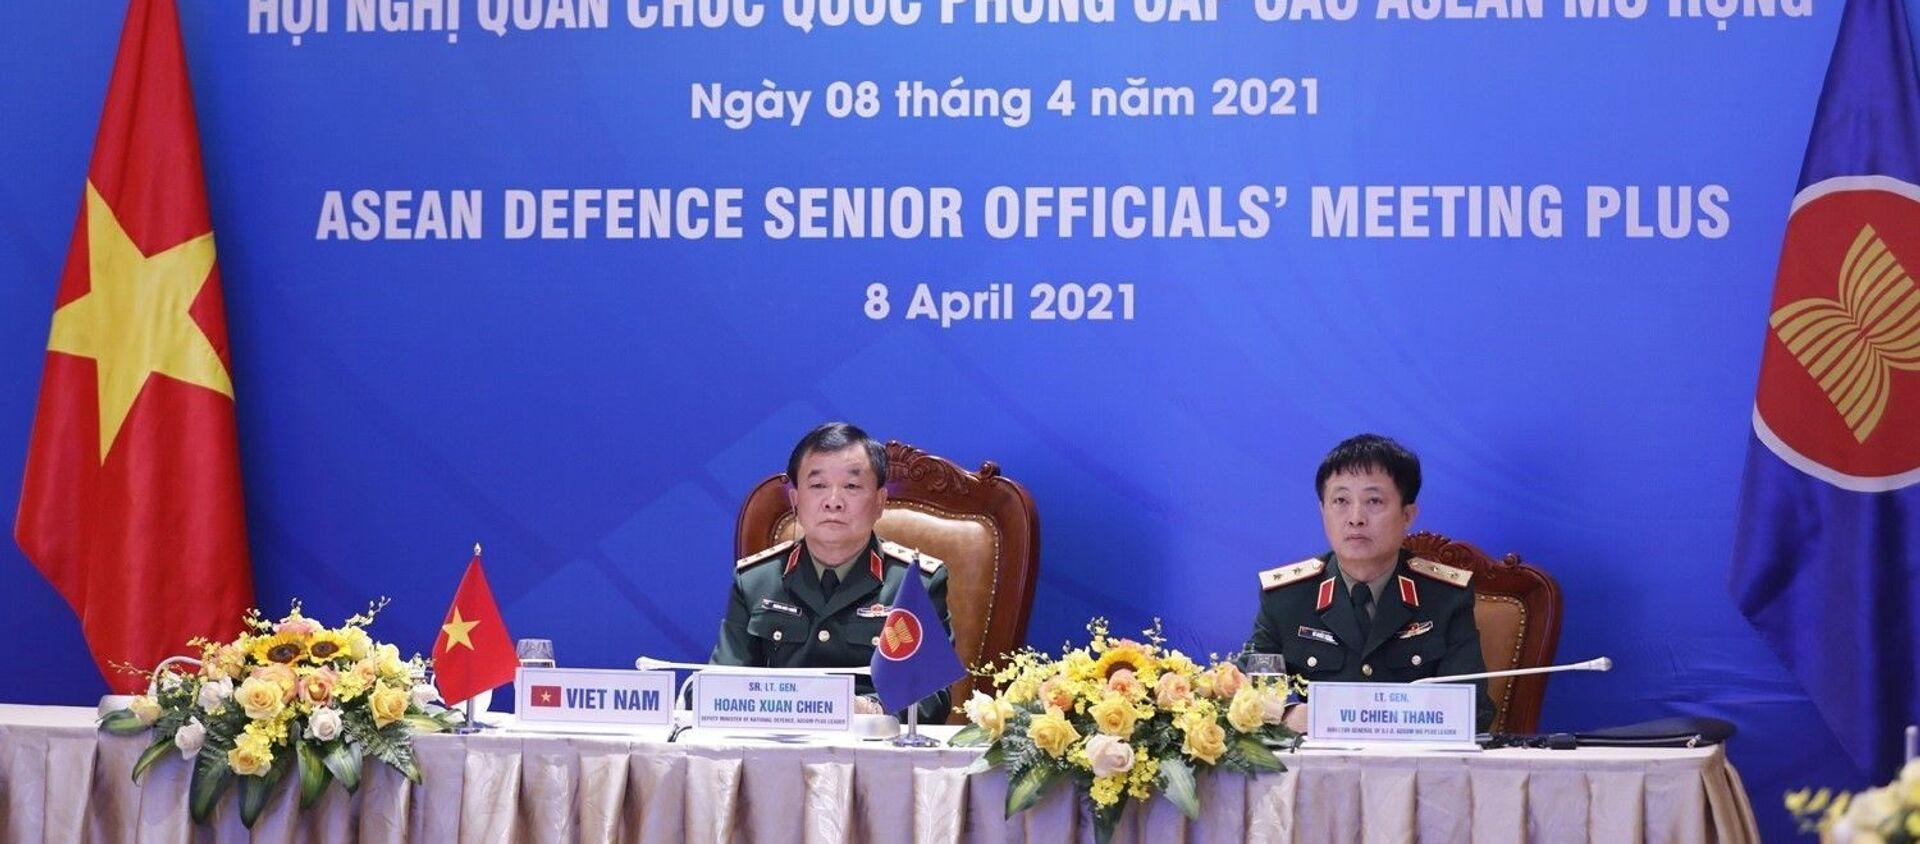 Thượng tướng Hoàng Xuân Chiến, Thứ trưởng Bộ Quốc phòng, Trưởng ADSOM+ Việt Nam tham dự Hội nghị Quan chức Quốc phòng cấp cao ASEAN mở rộng tại điểm cầu Hà Nội.  - Sputnik Việt Nam, 1920, 08.04.2021